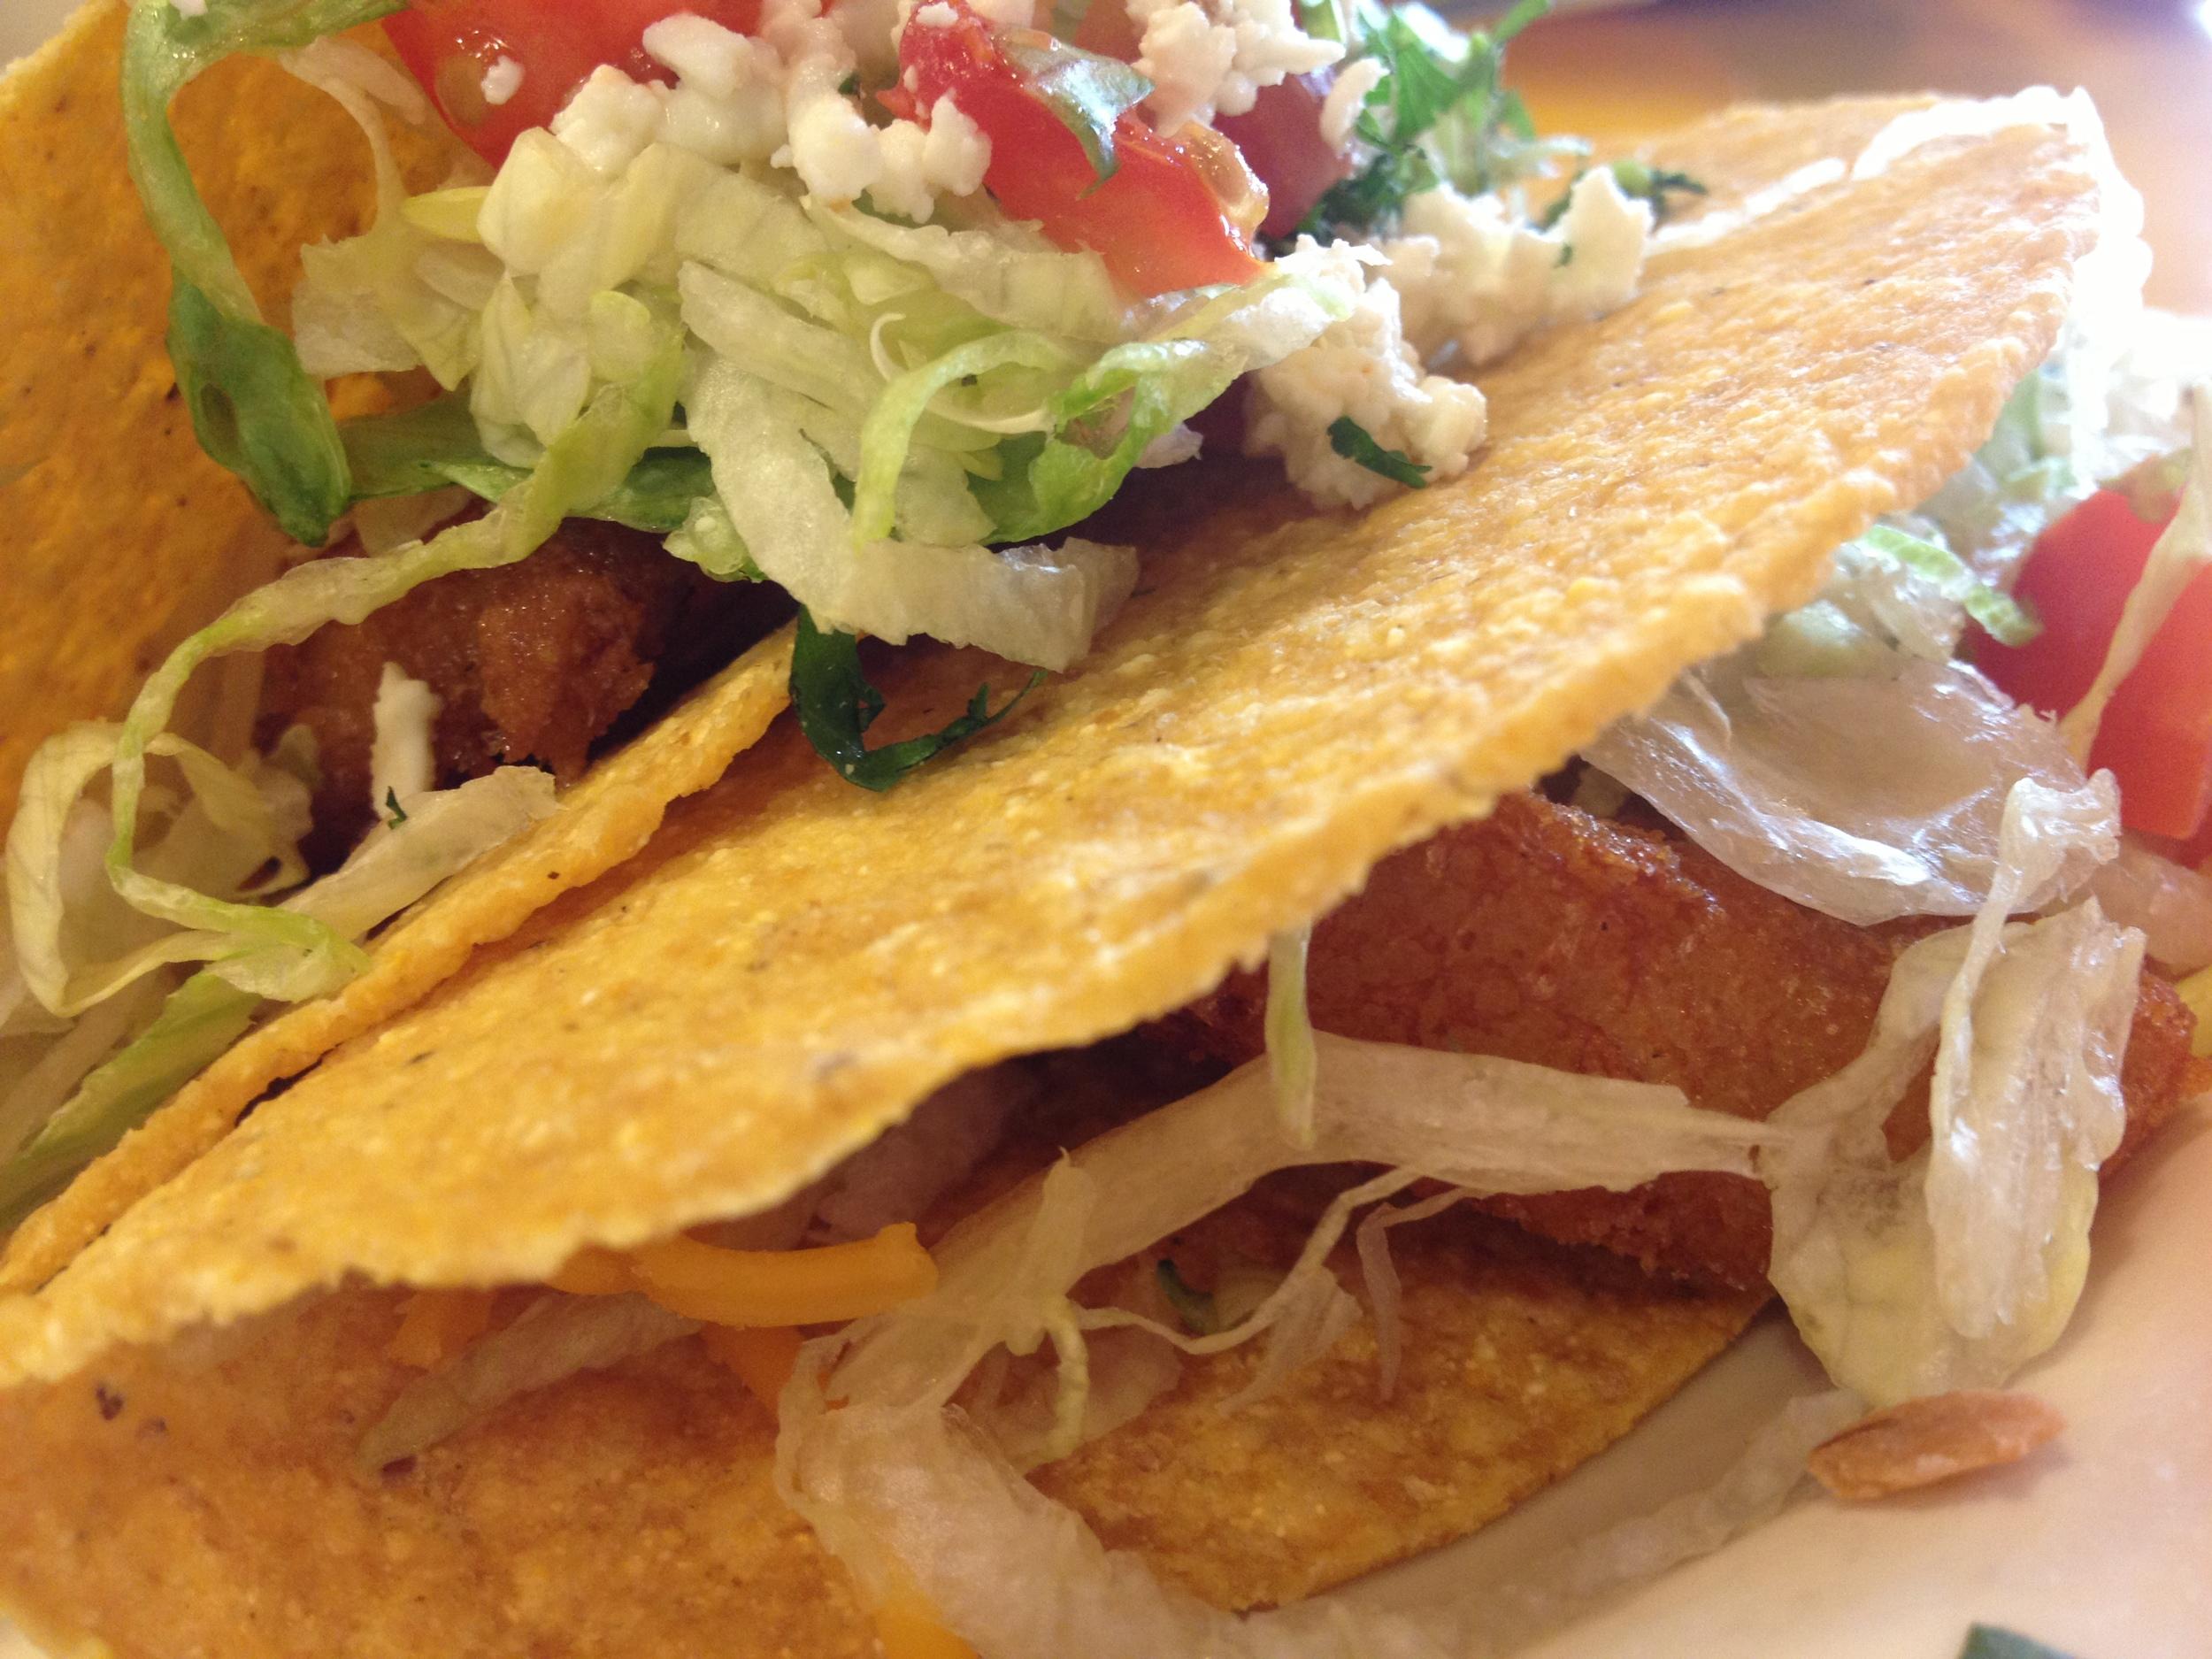 Fuzzy's Tacos